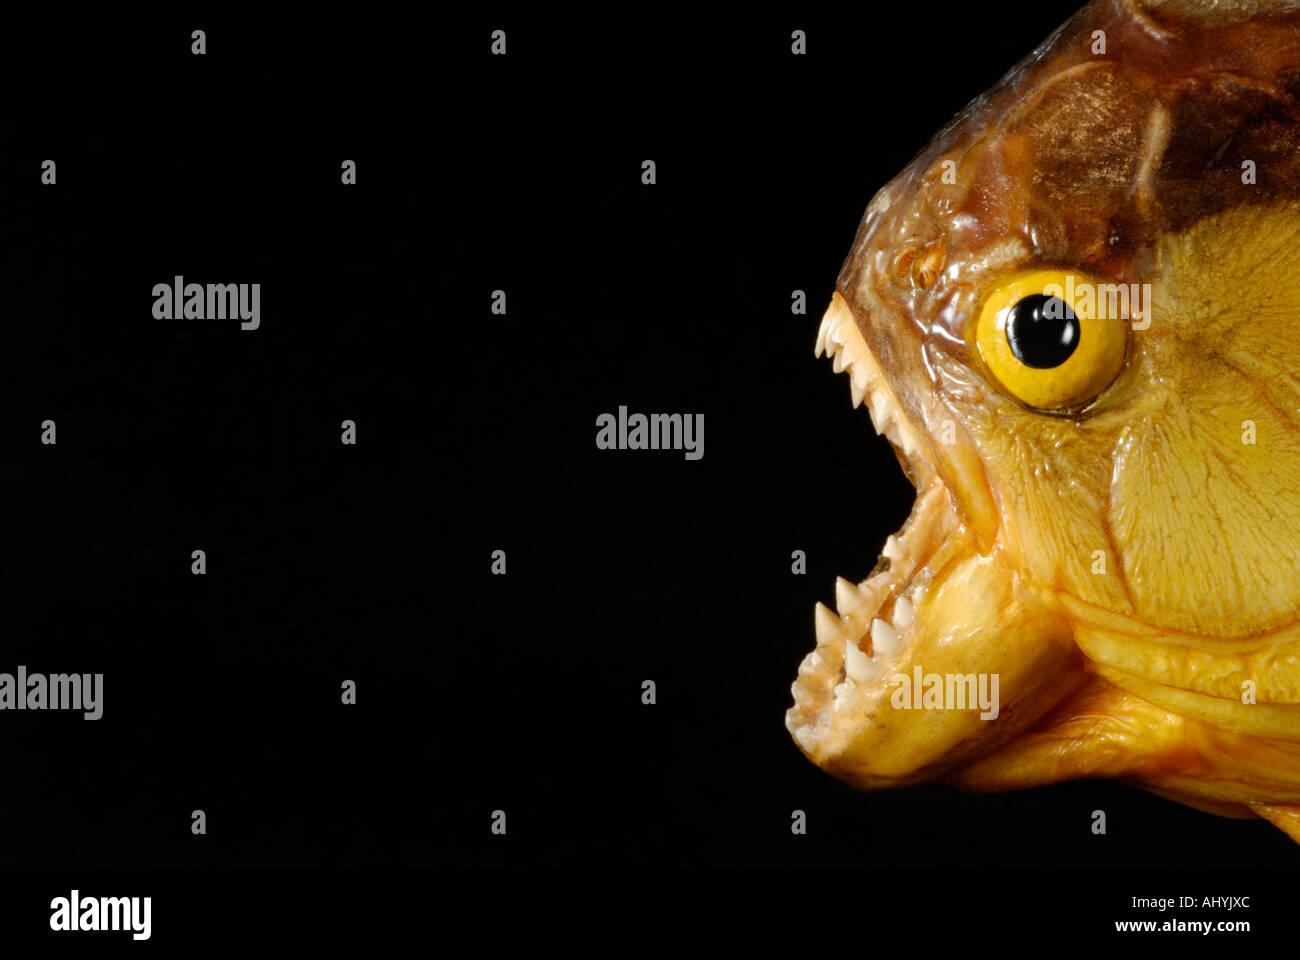 La piraña con la boca abierta mostrando los dientes contra fondo negro Imagen De Stock